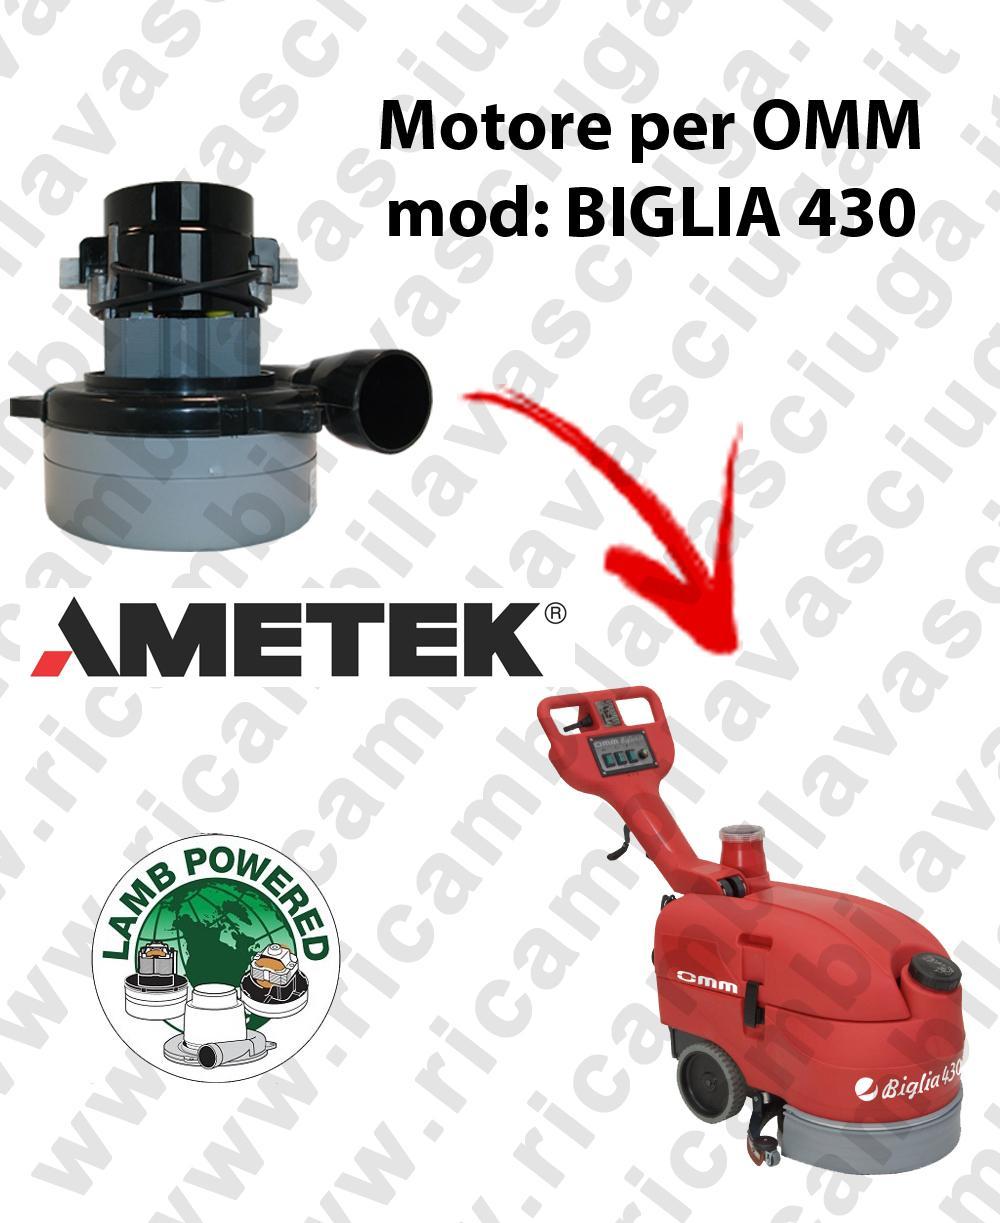 Motore LAMB AMETEK di aspirazione X Lavapavimenti OMM BIGLIA 430